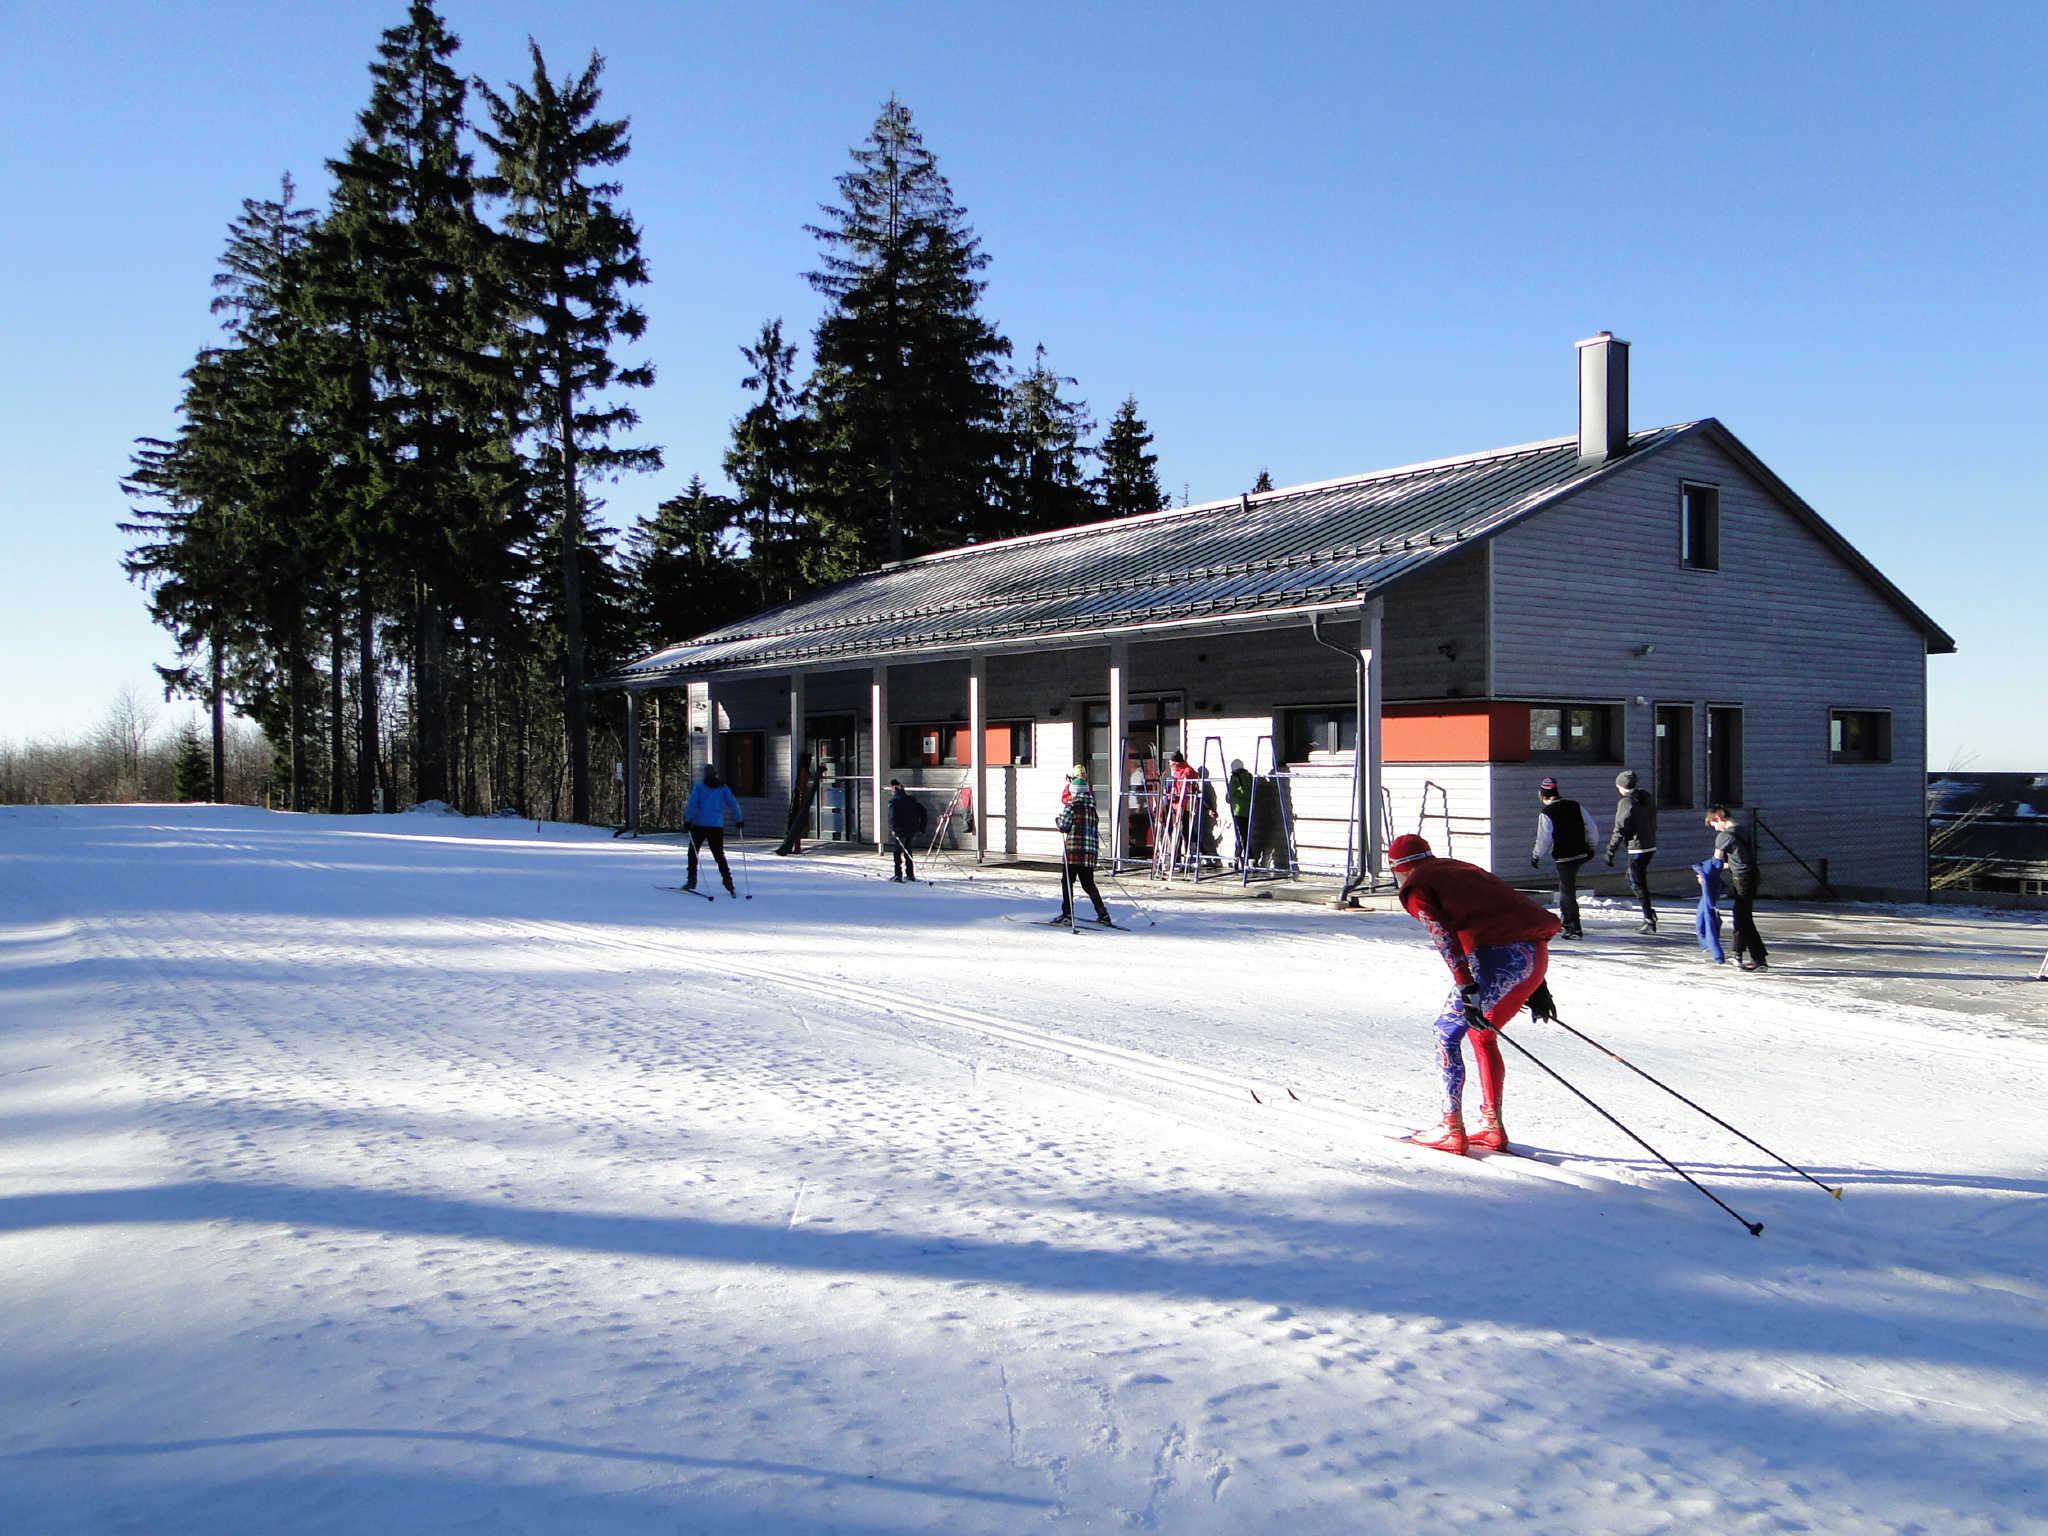 Geschichtspatk in Bärnau